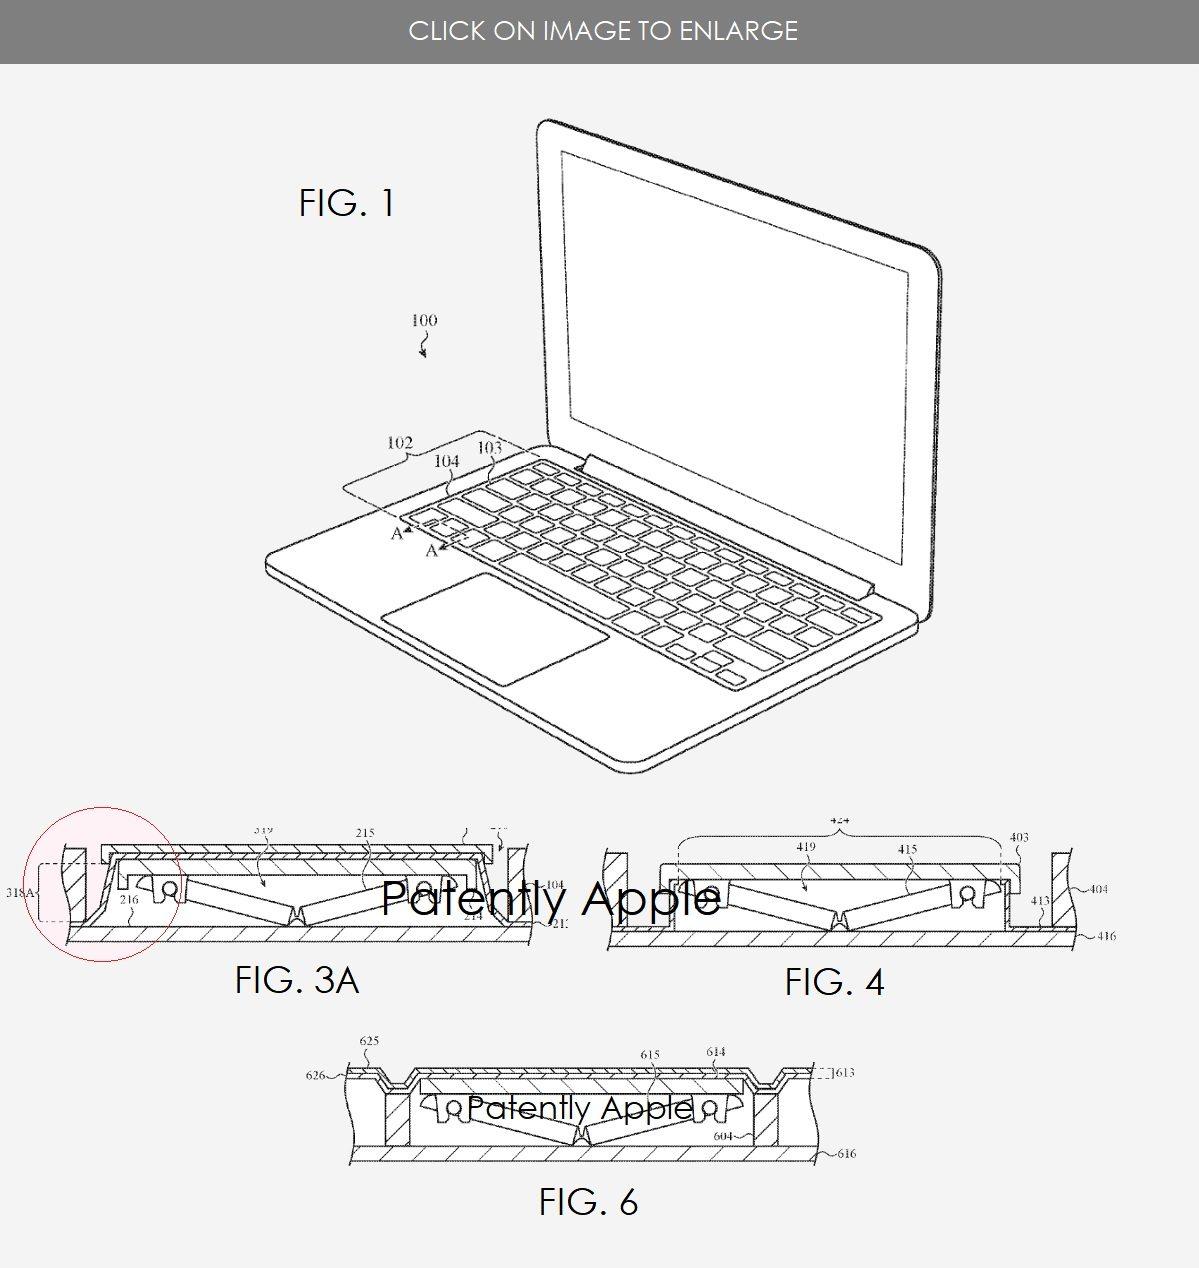 Brevetto tastiera apple resistente a polvere e liquidi